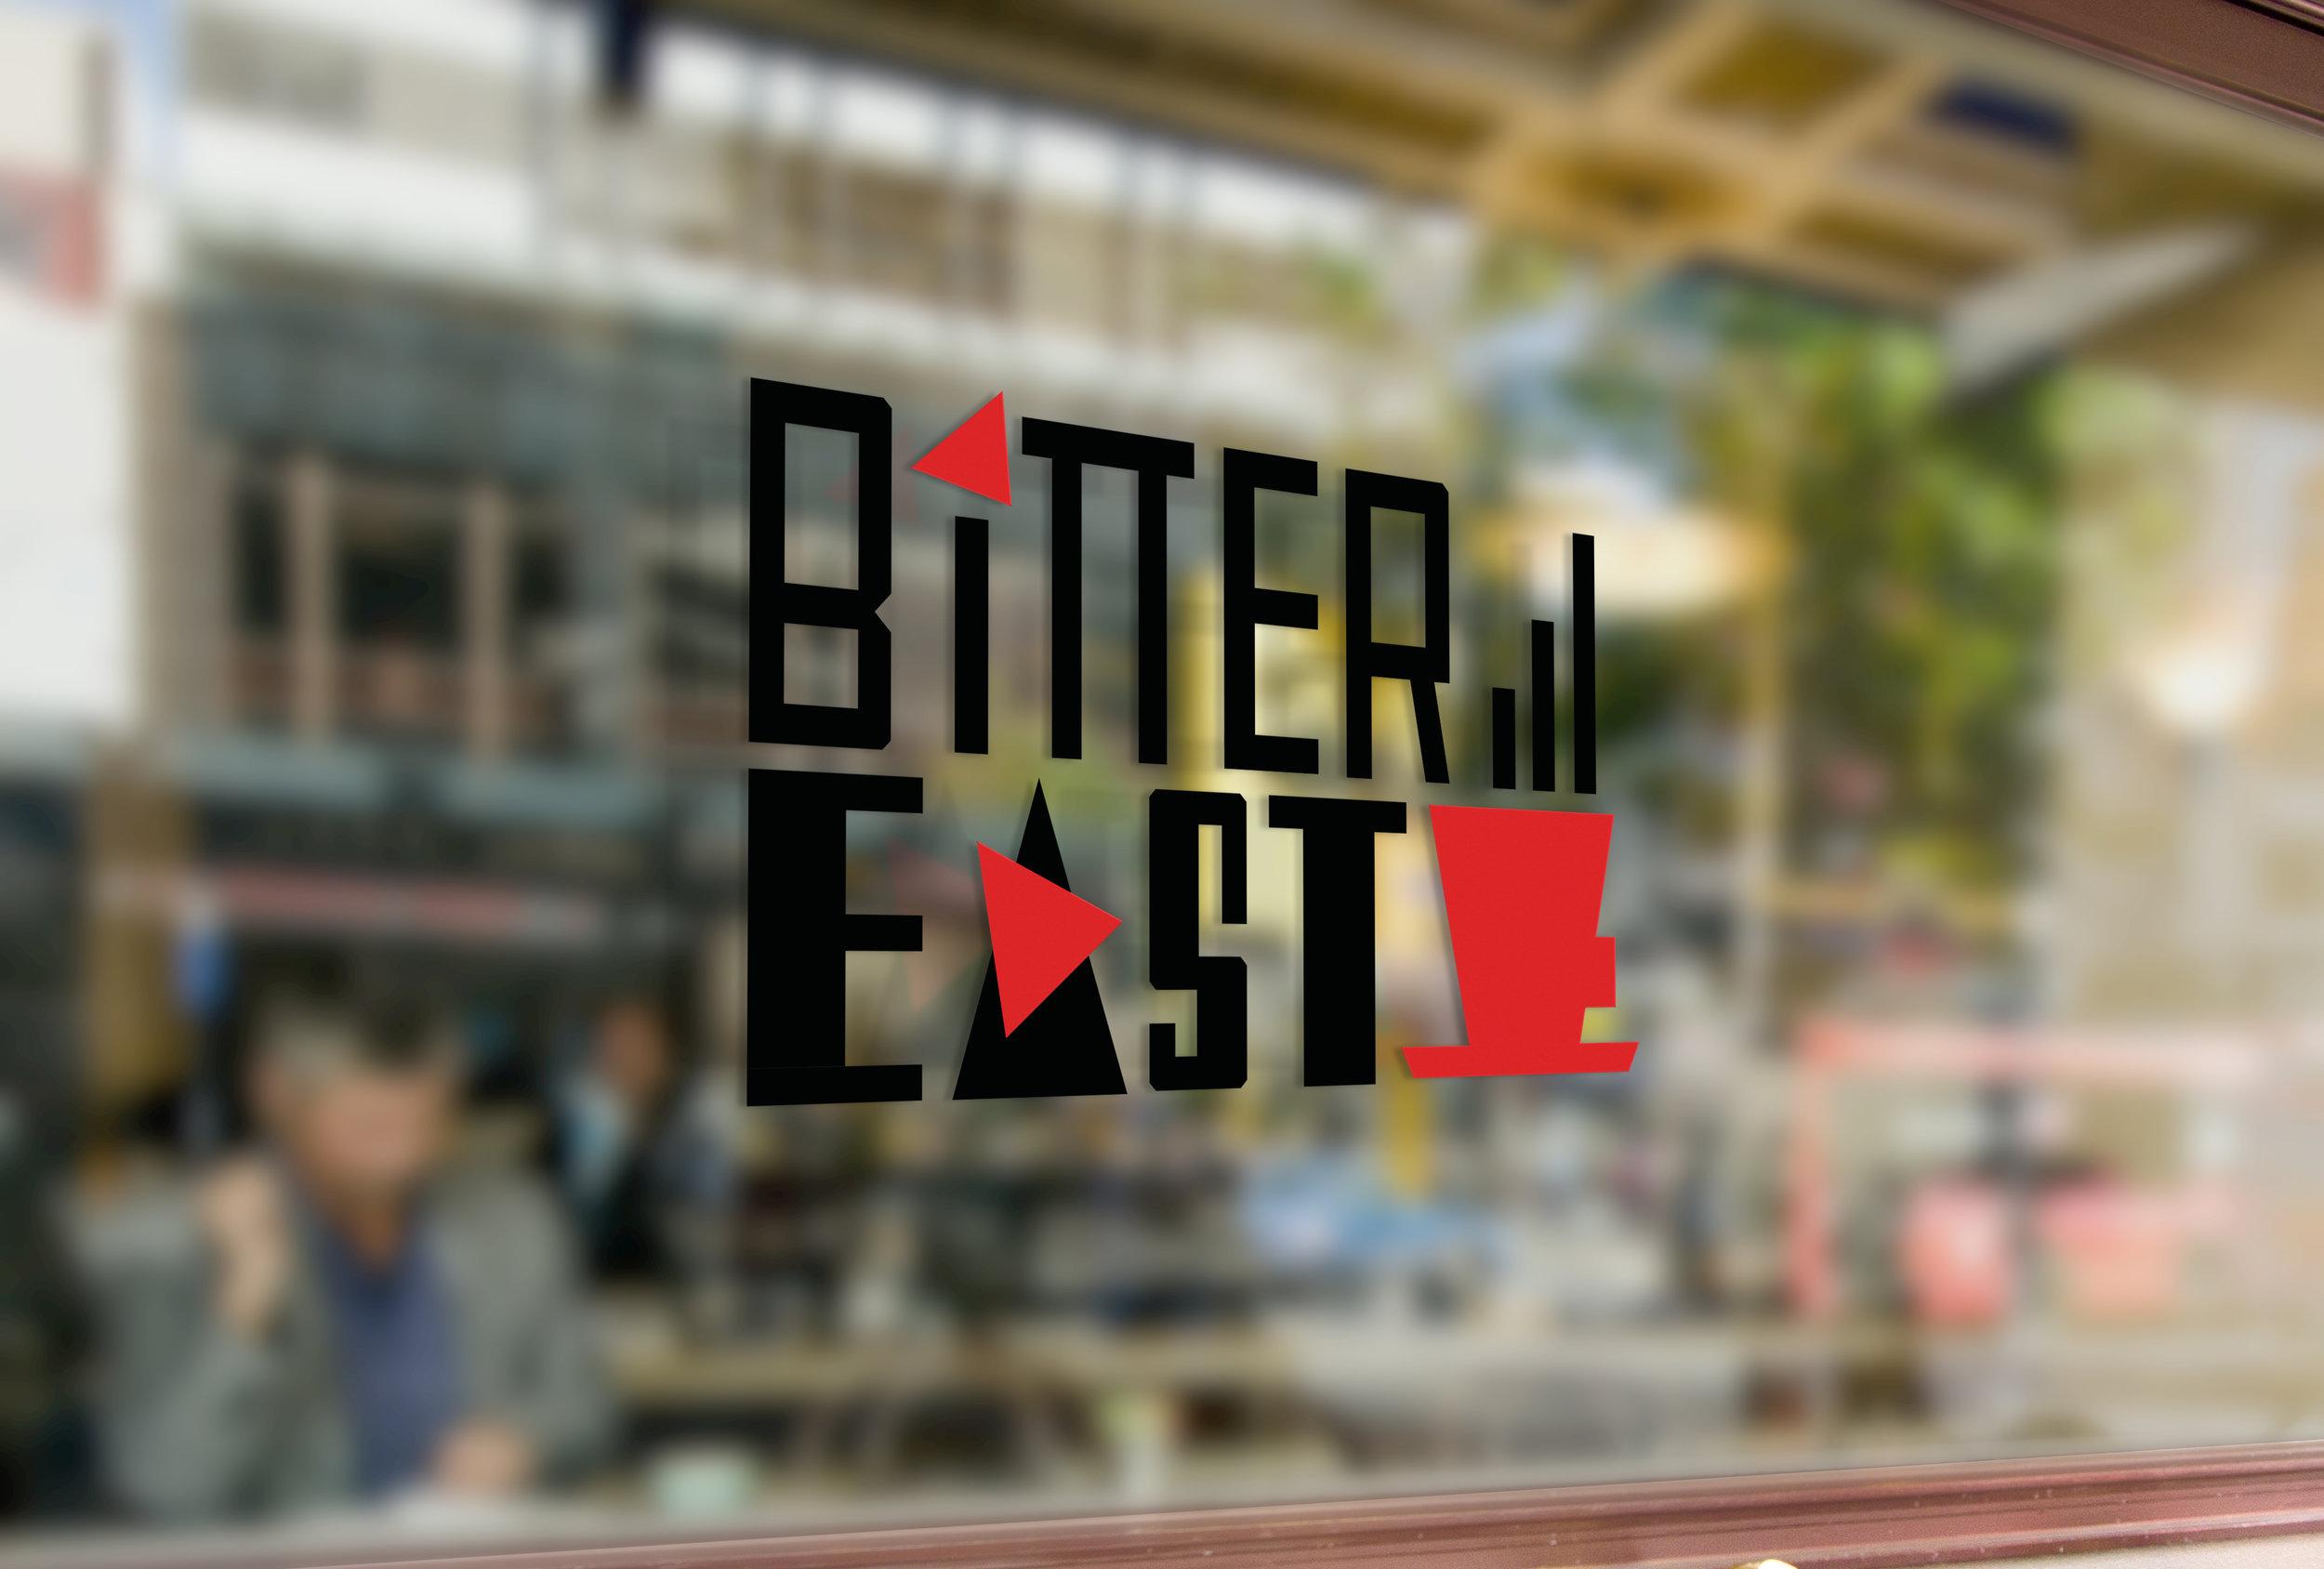 bitter east logo window coffee shop